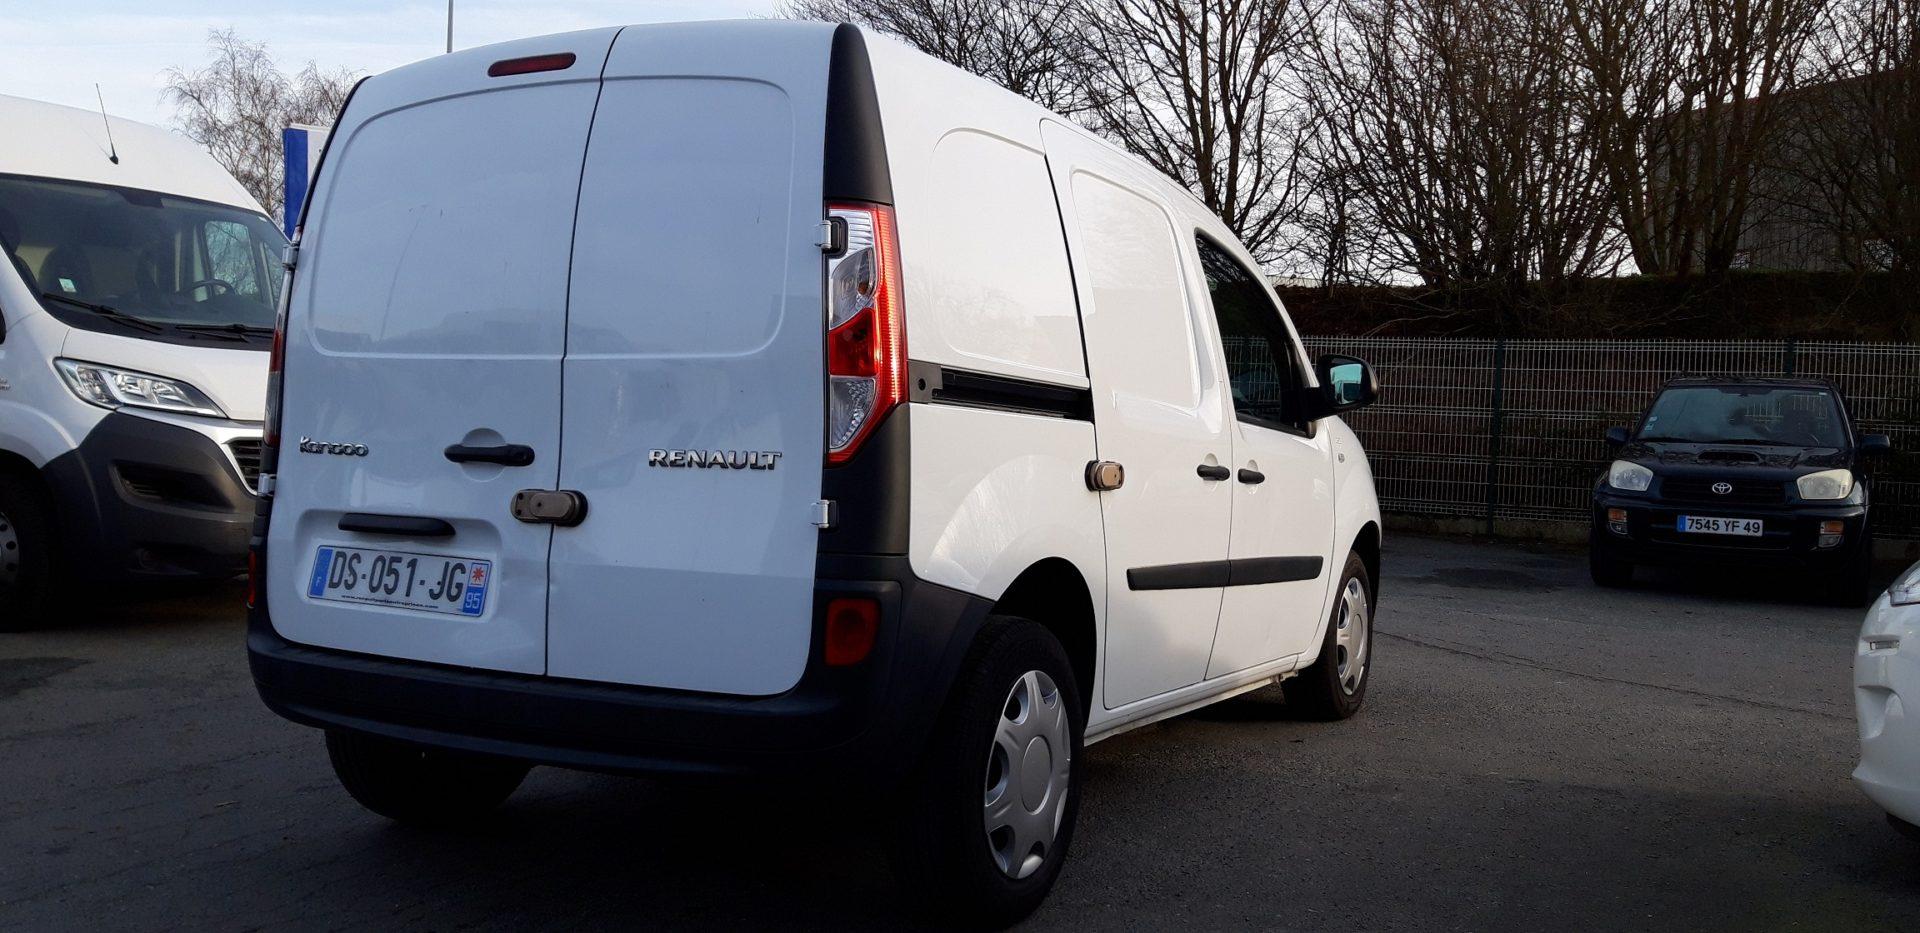 Garage Jallier Tharreau Garage Automobile Cholet Location Vehicule 9 Places 20200111 154329 1501